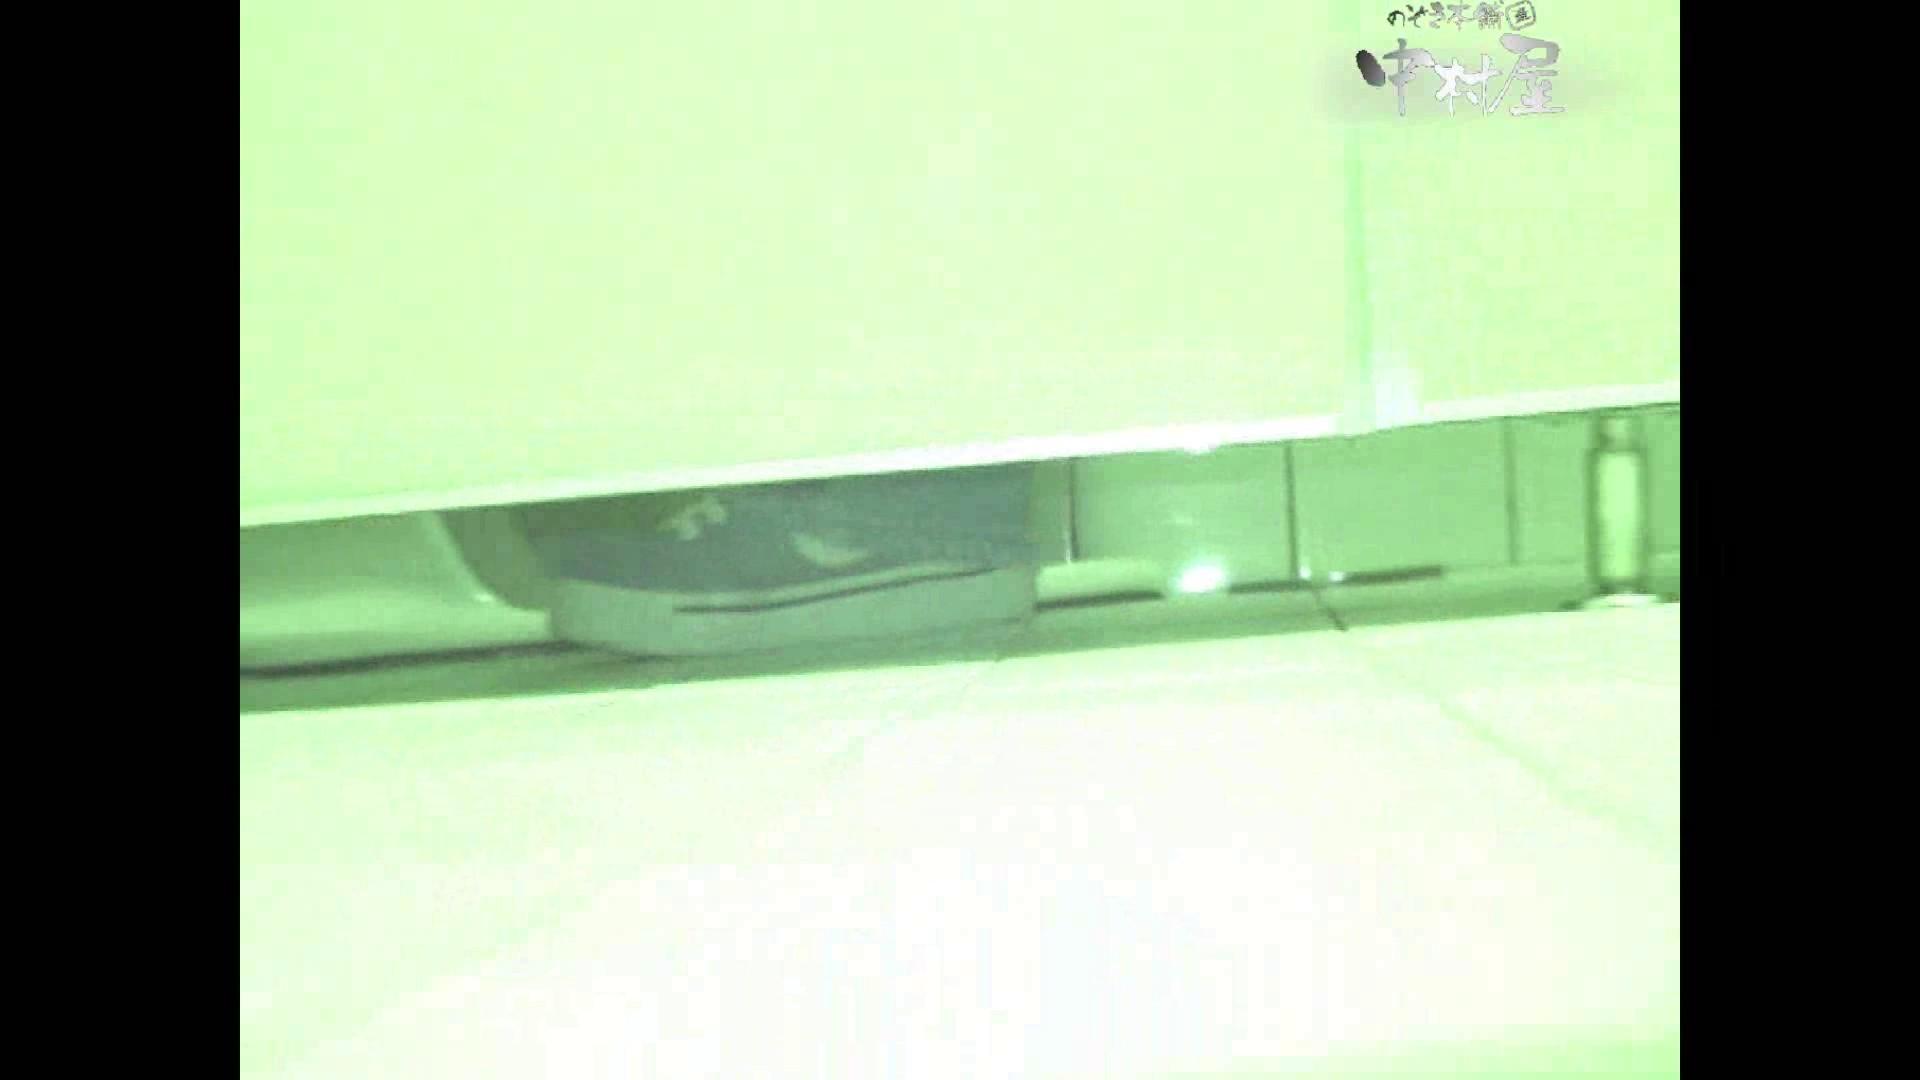 岩手県在住盗撮師盗撮記録vol.30 盗撮シリーズ 盗撮動画紹介 102PIX 90